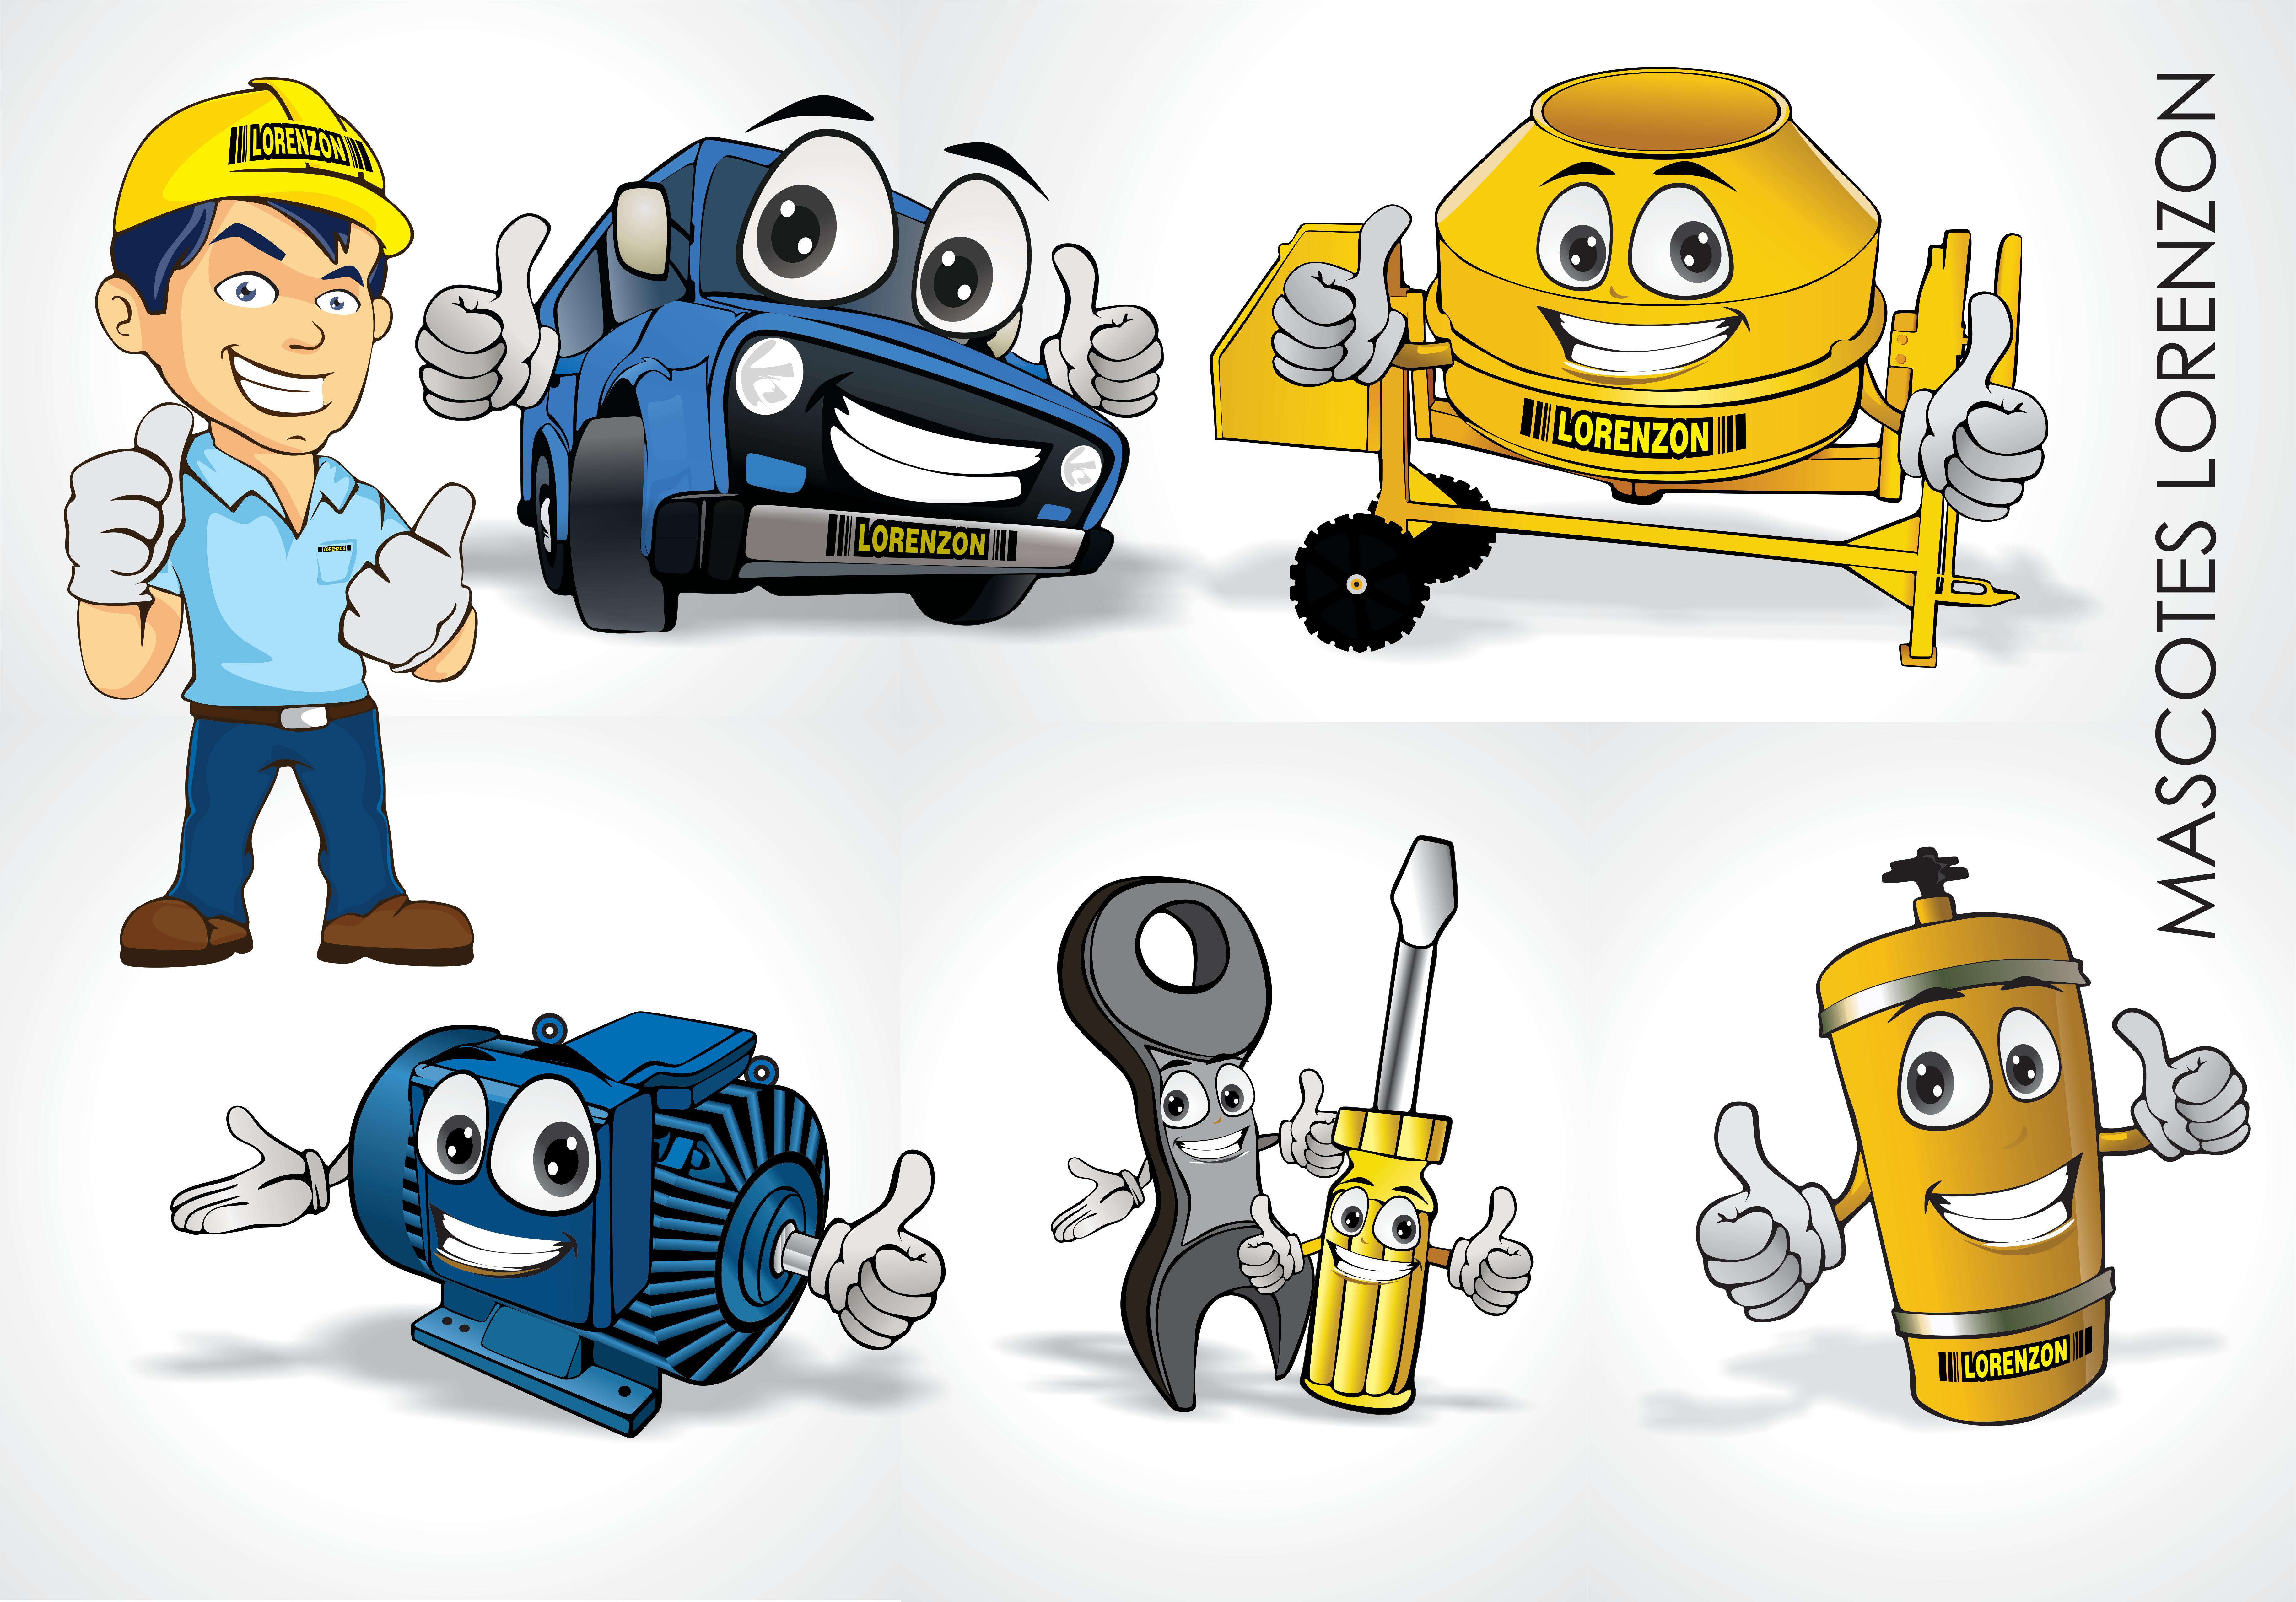 Mascotes Lorenzon